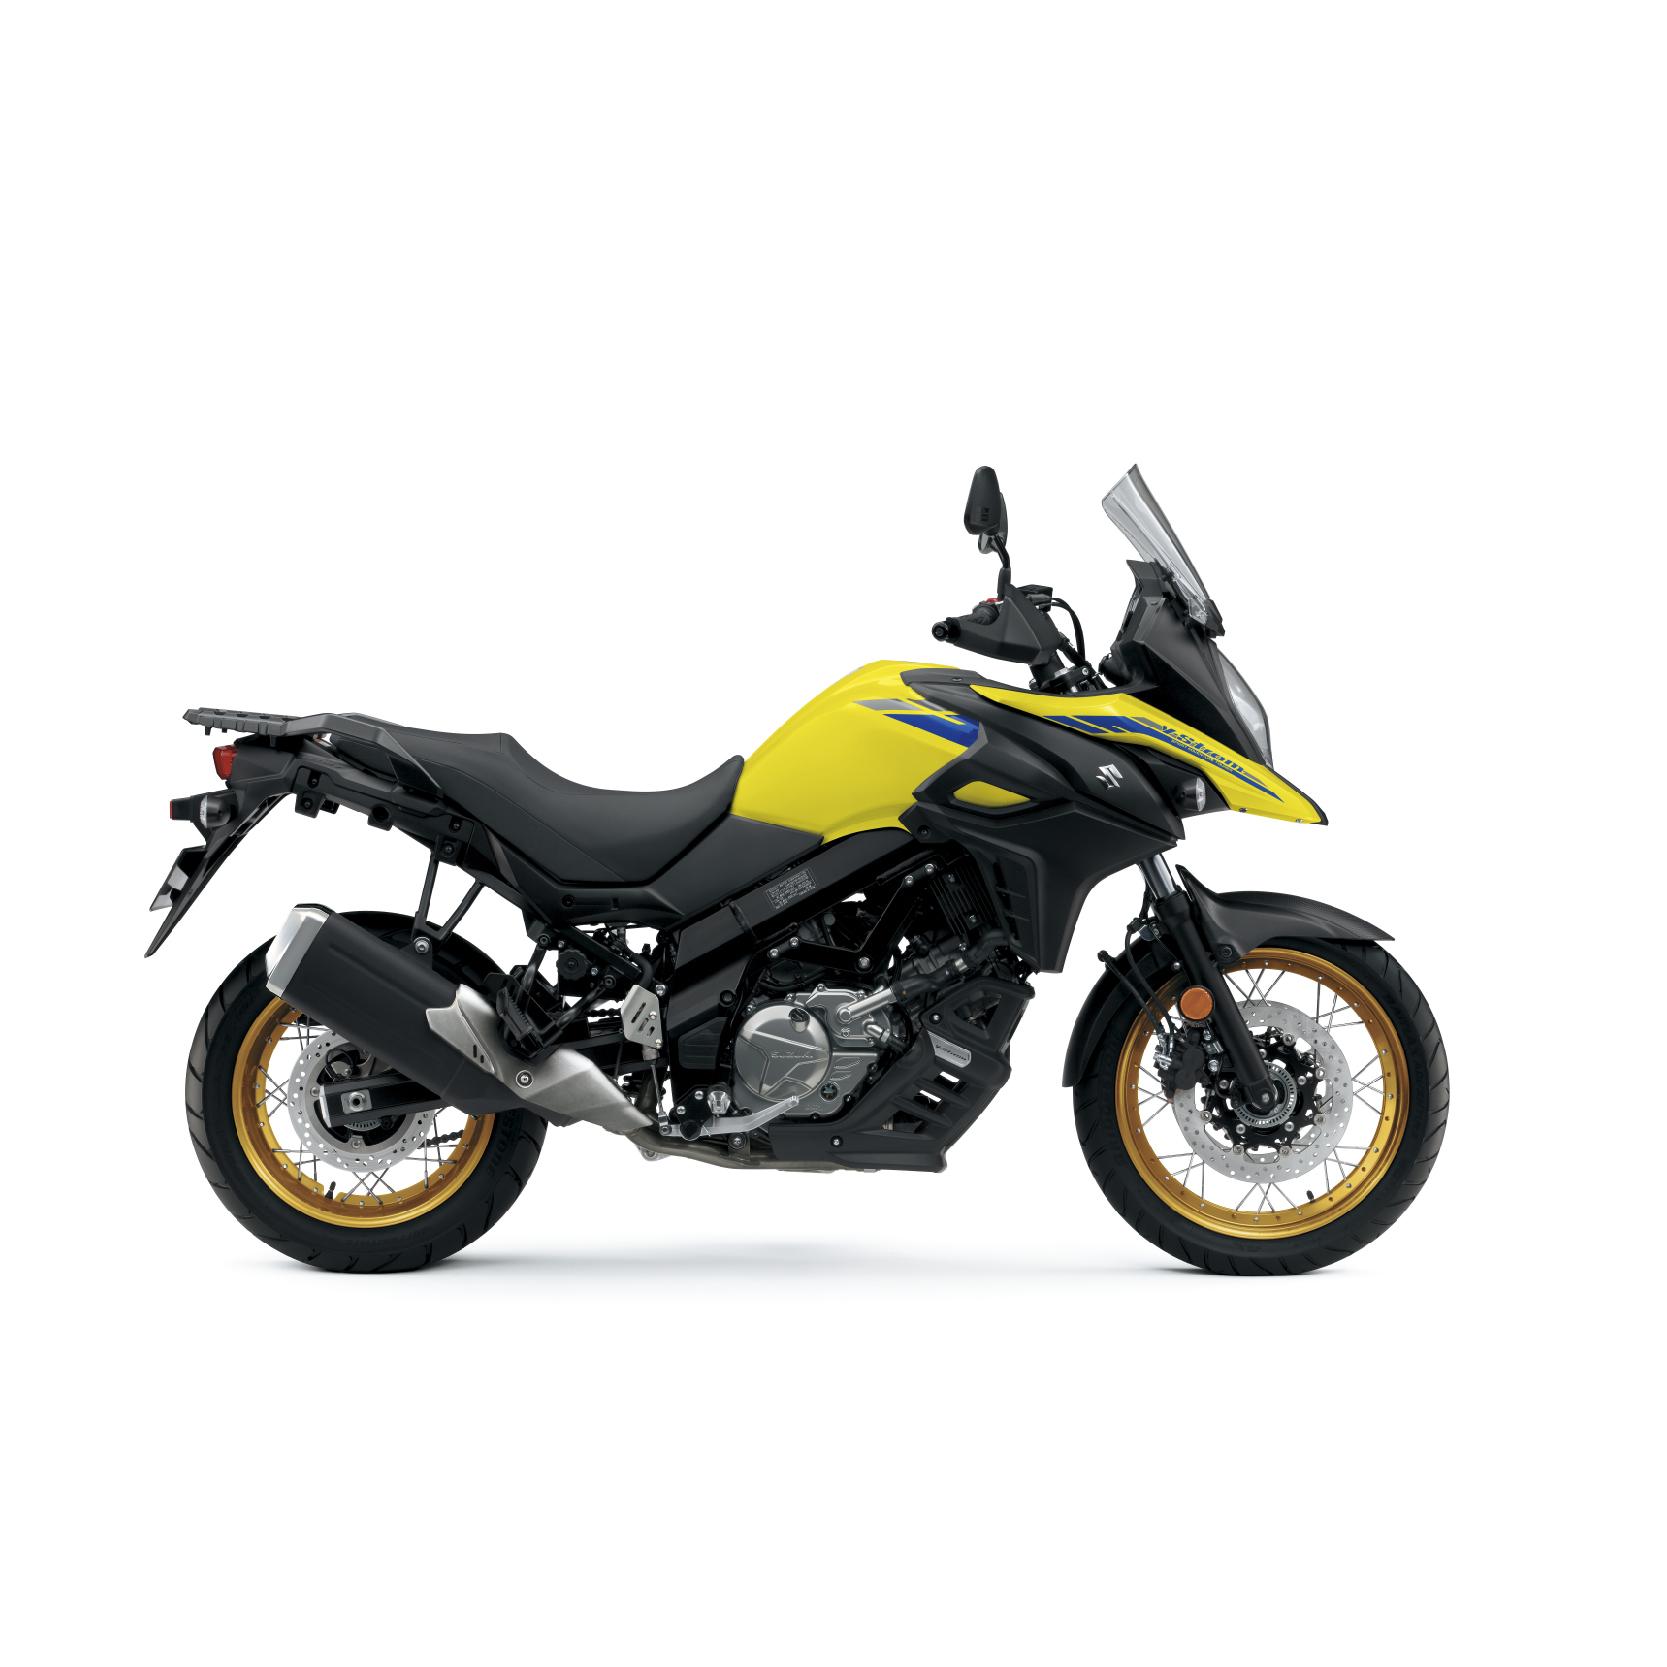 Suzuki adventure bikes